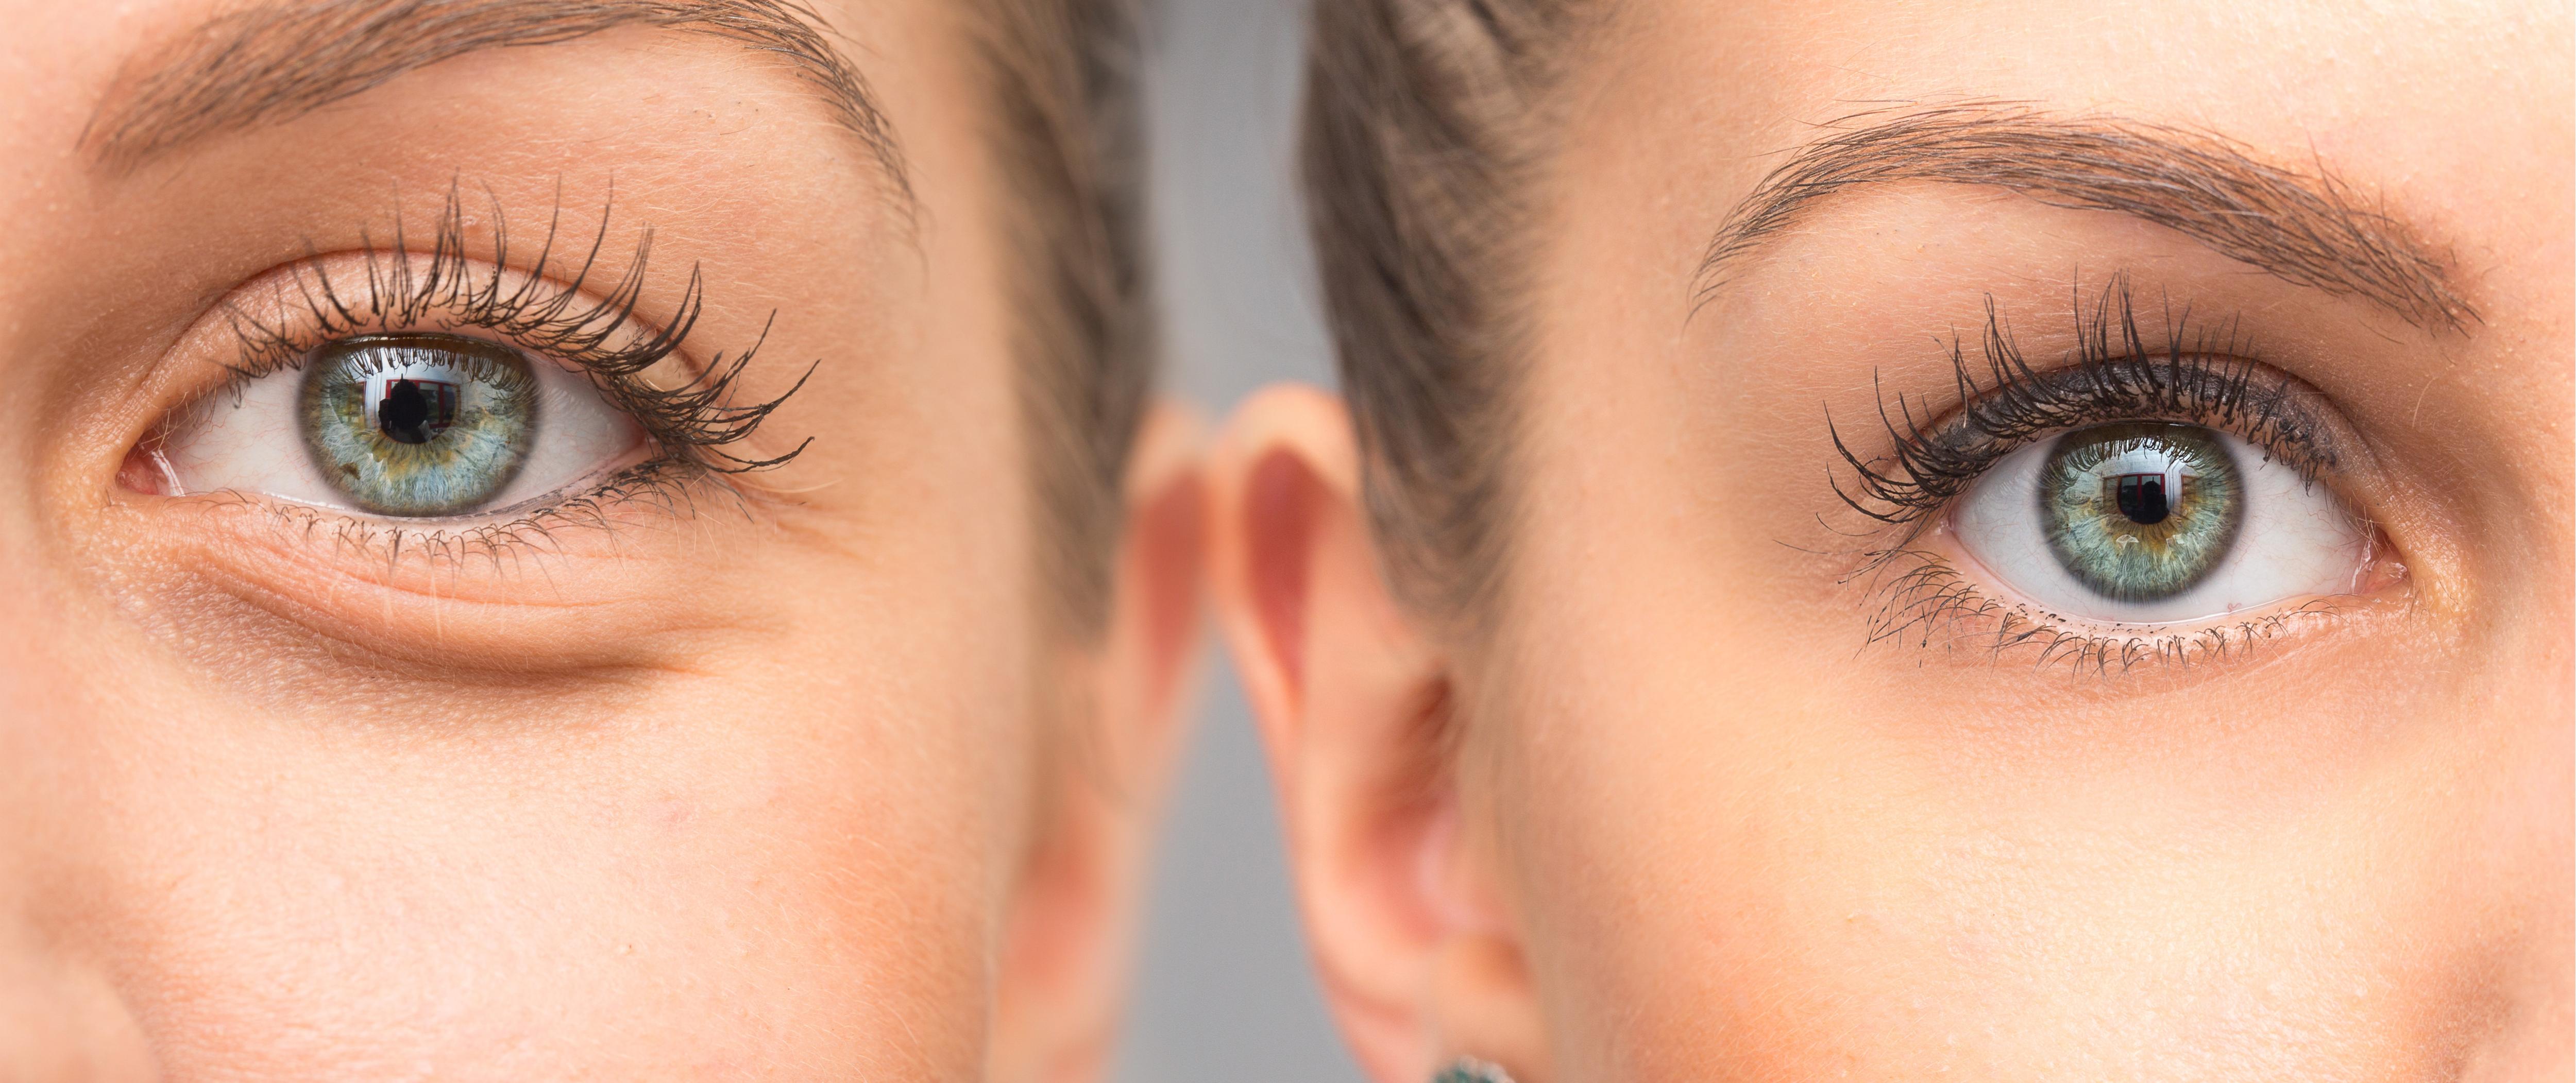 Cele mai eficiente modalitati de a scapa de pungile inestetice de sub ochi